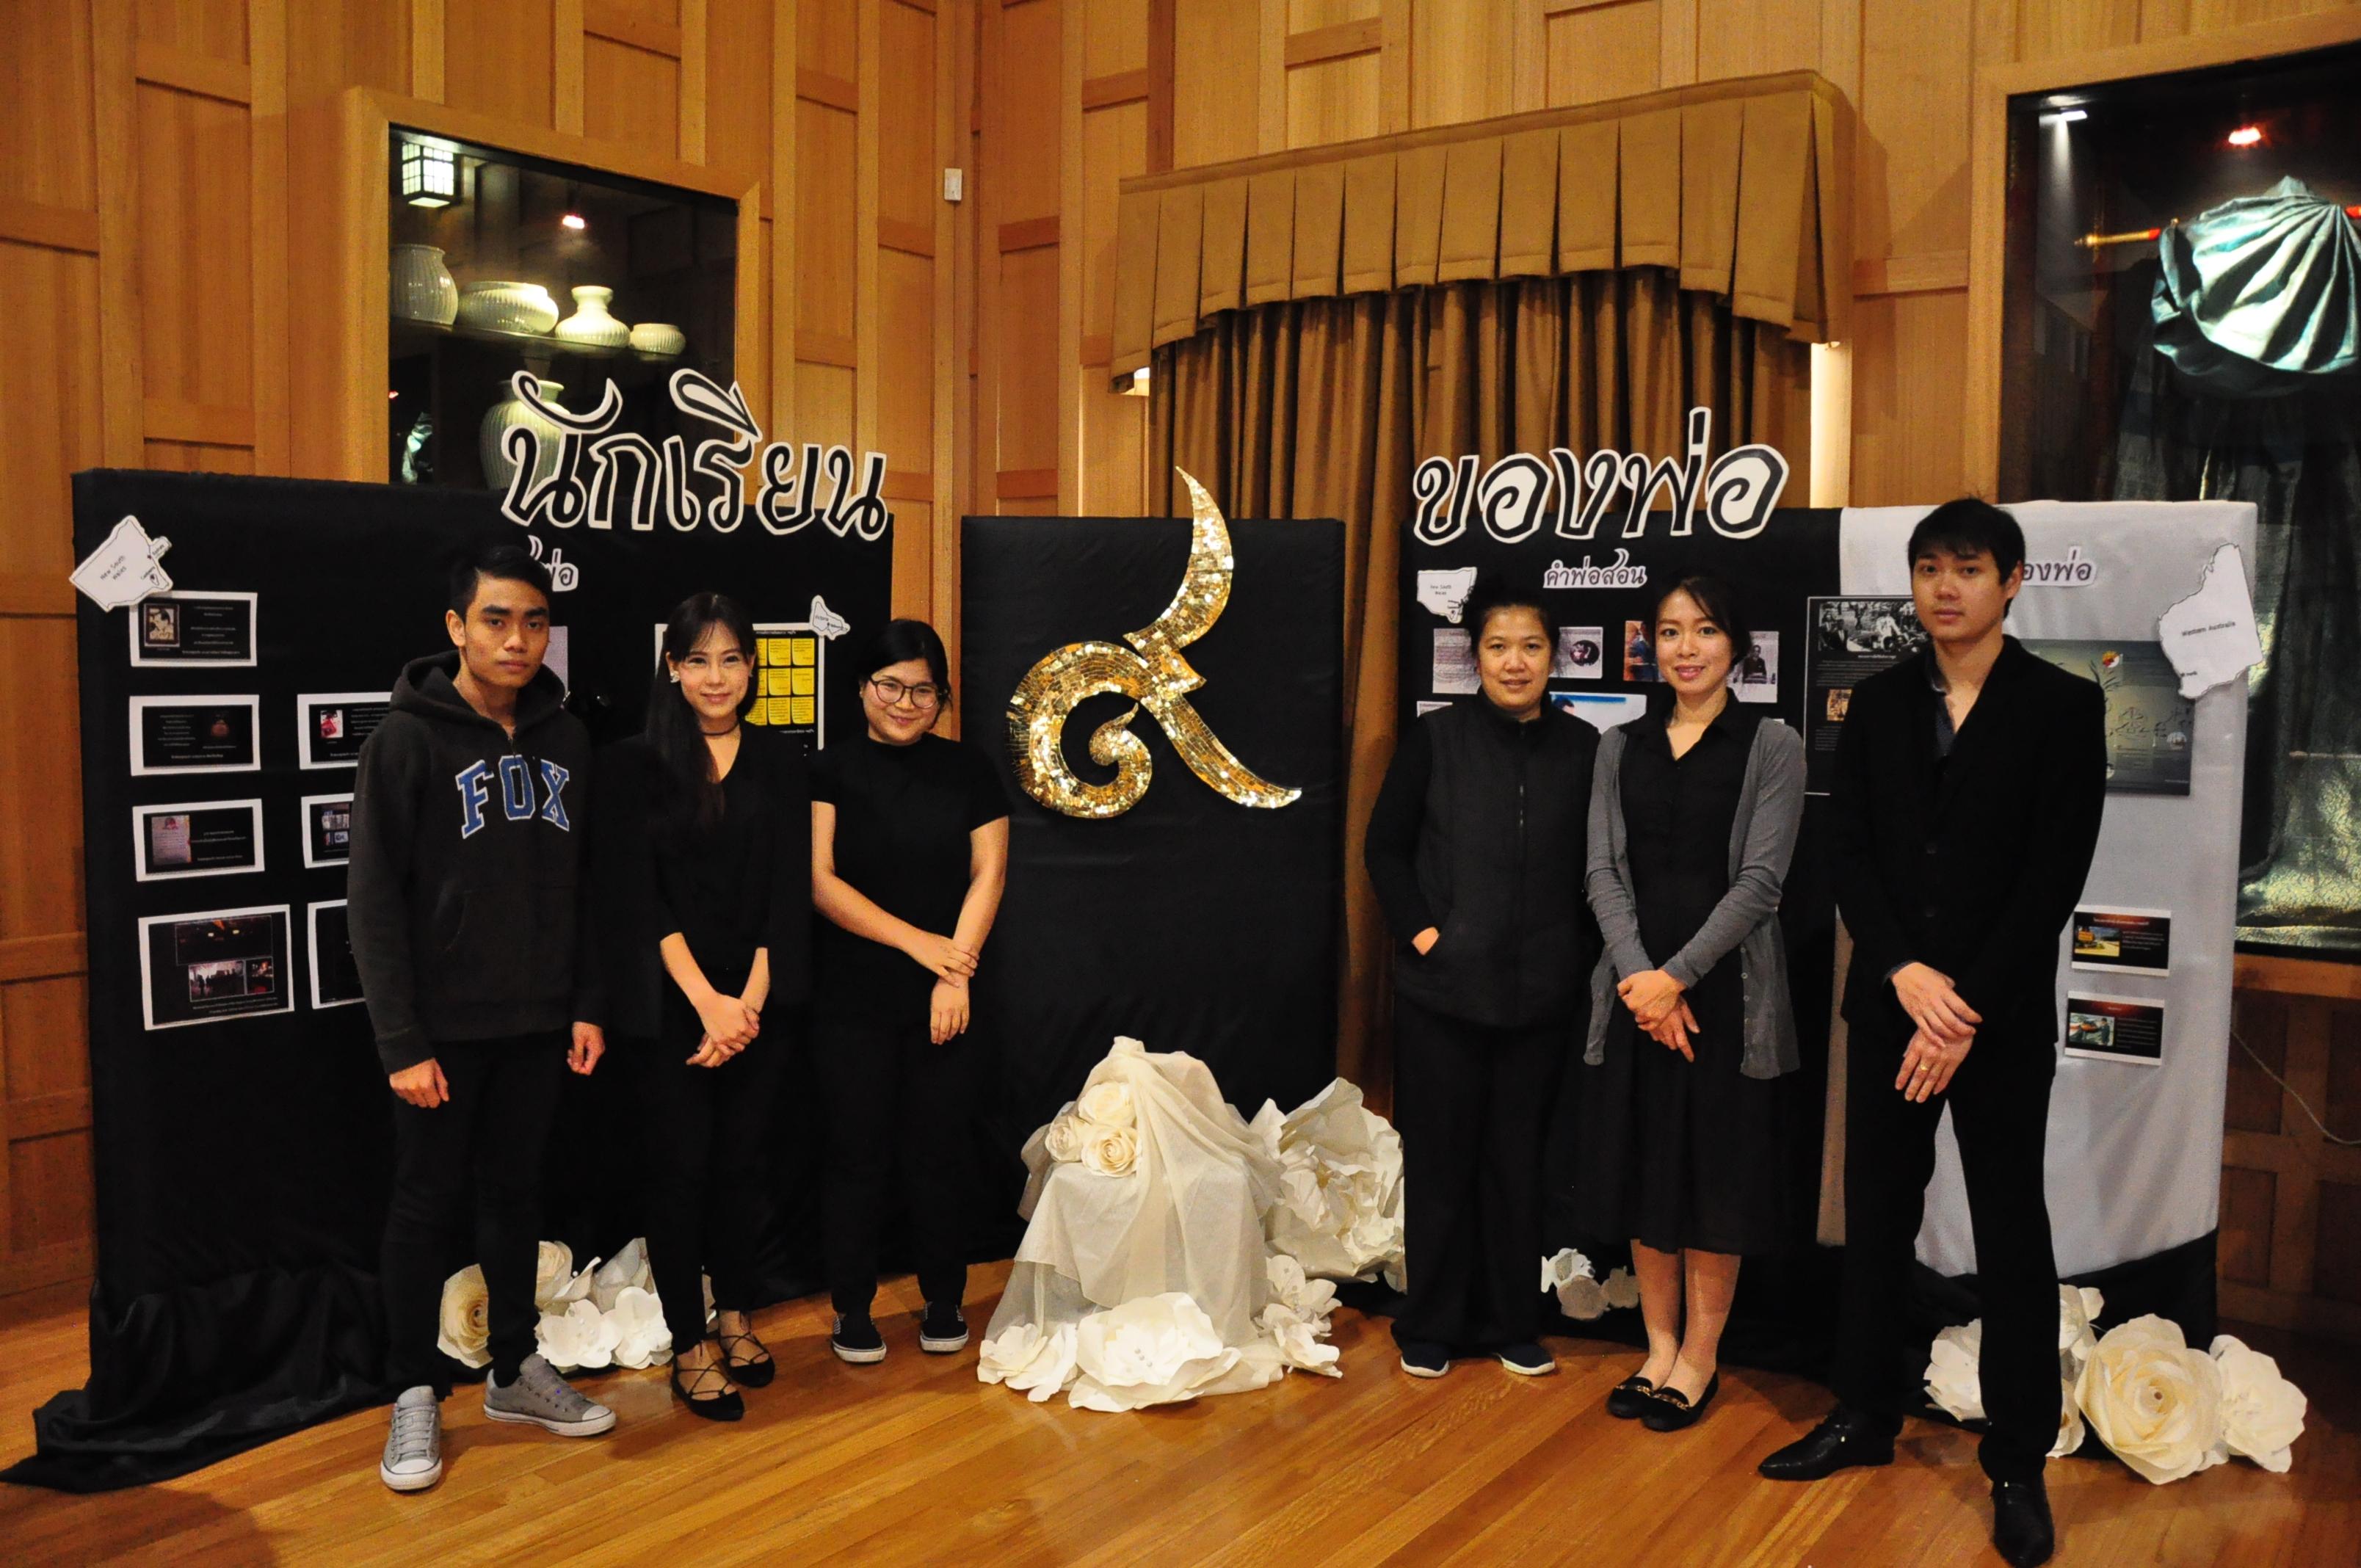 """สำนักงานผู้ดูแลนักเรียนในประเทศออสเตรเลีย ร่วมกับนักเรียนทุนรัฐบาล ข้าราชการ และนักเรียนไทยที่ศึกษาในประเทศออสเตรเลีย ขอขอบพระคุณนักเรียนทุนรัฐบาลและทุกท่านๆ ที่ให้ความร่วมมือส่งผลงาน เพื่อร่วมจัดงานนิทรรศการพระบรมราโชวาท """"นักเรียนของพ่อ"""" […]"""